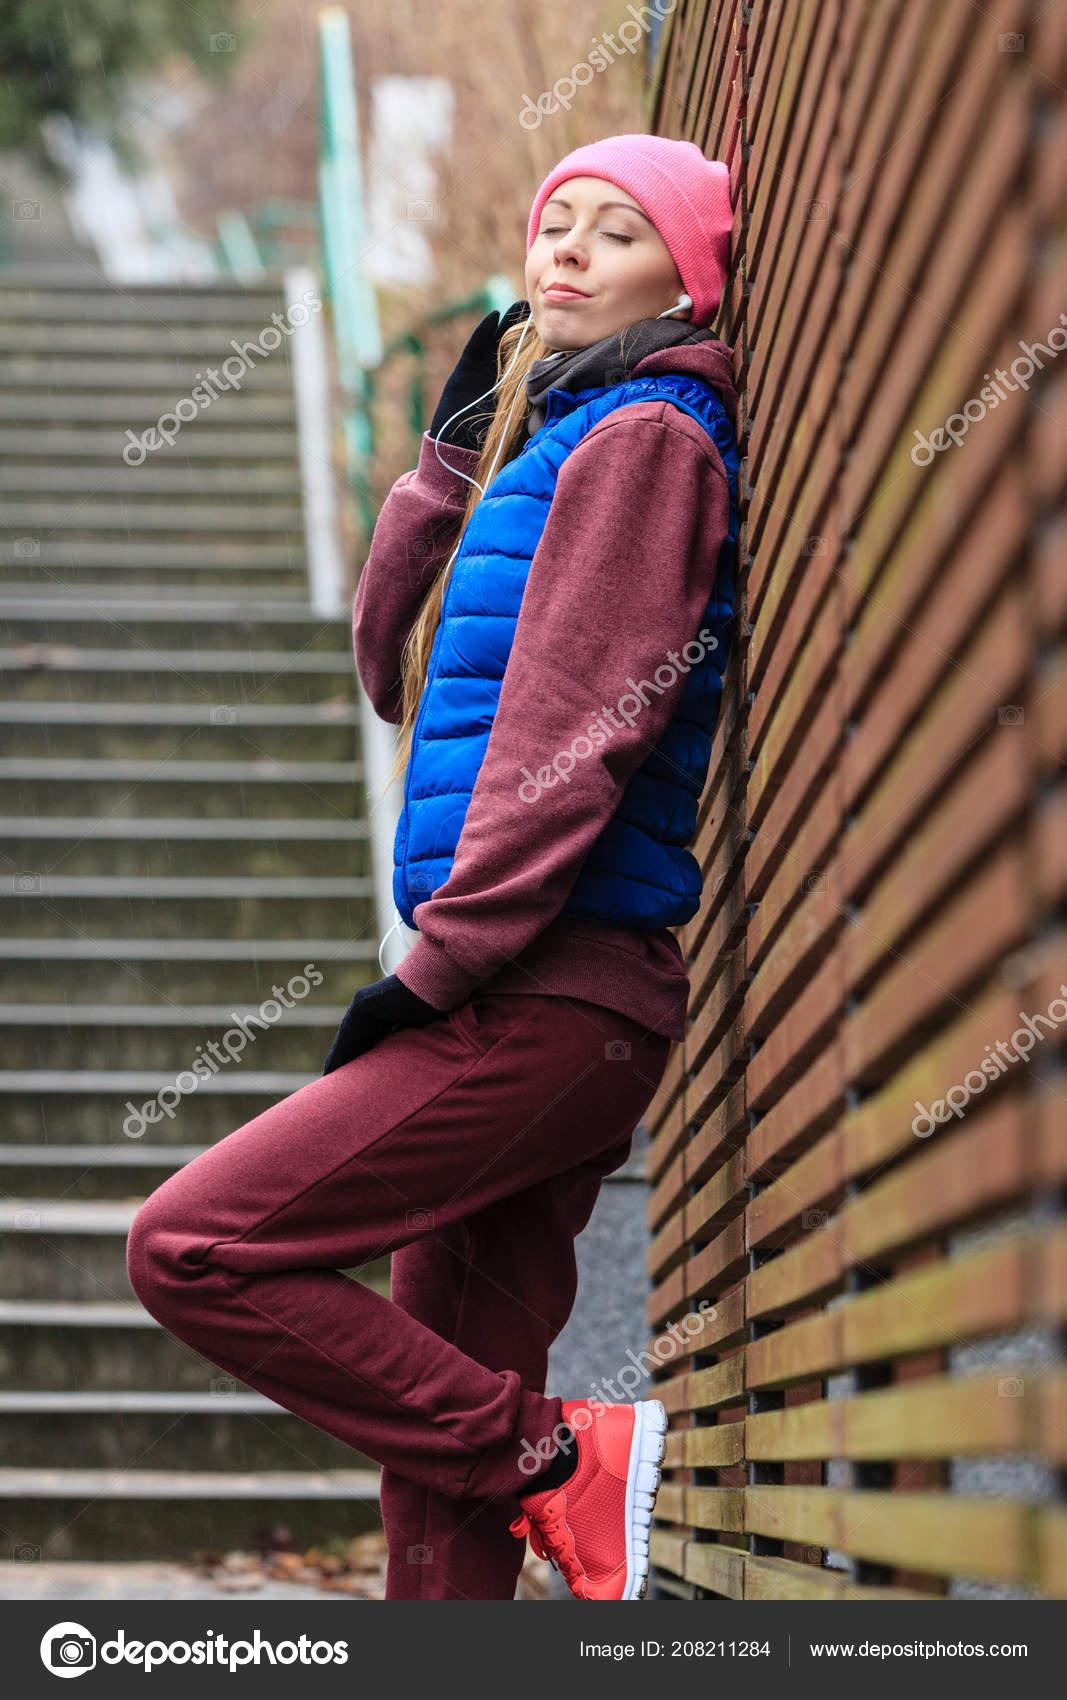 3100f12e Открытый Спорт упражнения, спортивный костюм идеи. Женщина, одетая теплая спортивная  отдыха после занятий вне в холодную погоду — Фото автора ...